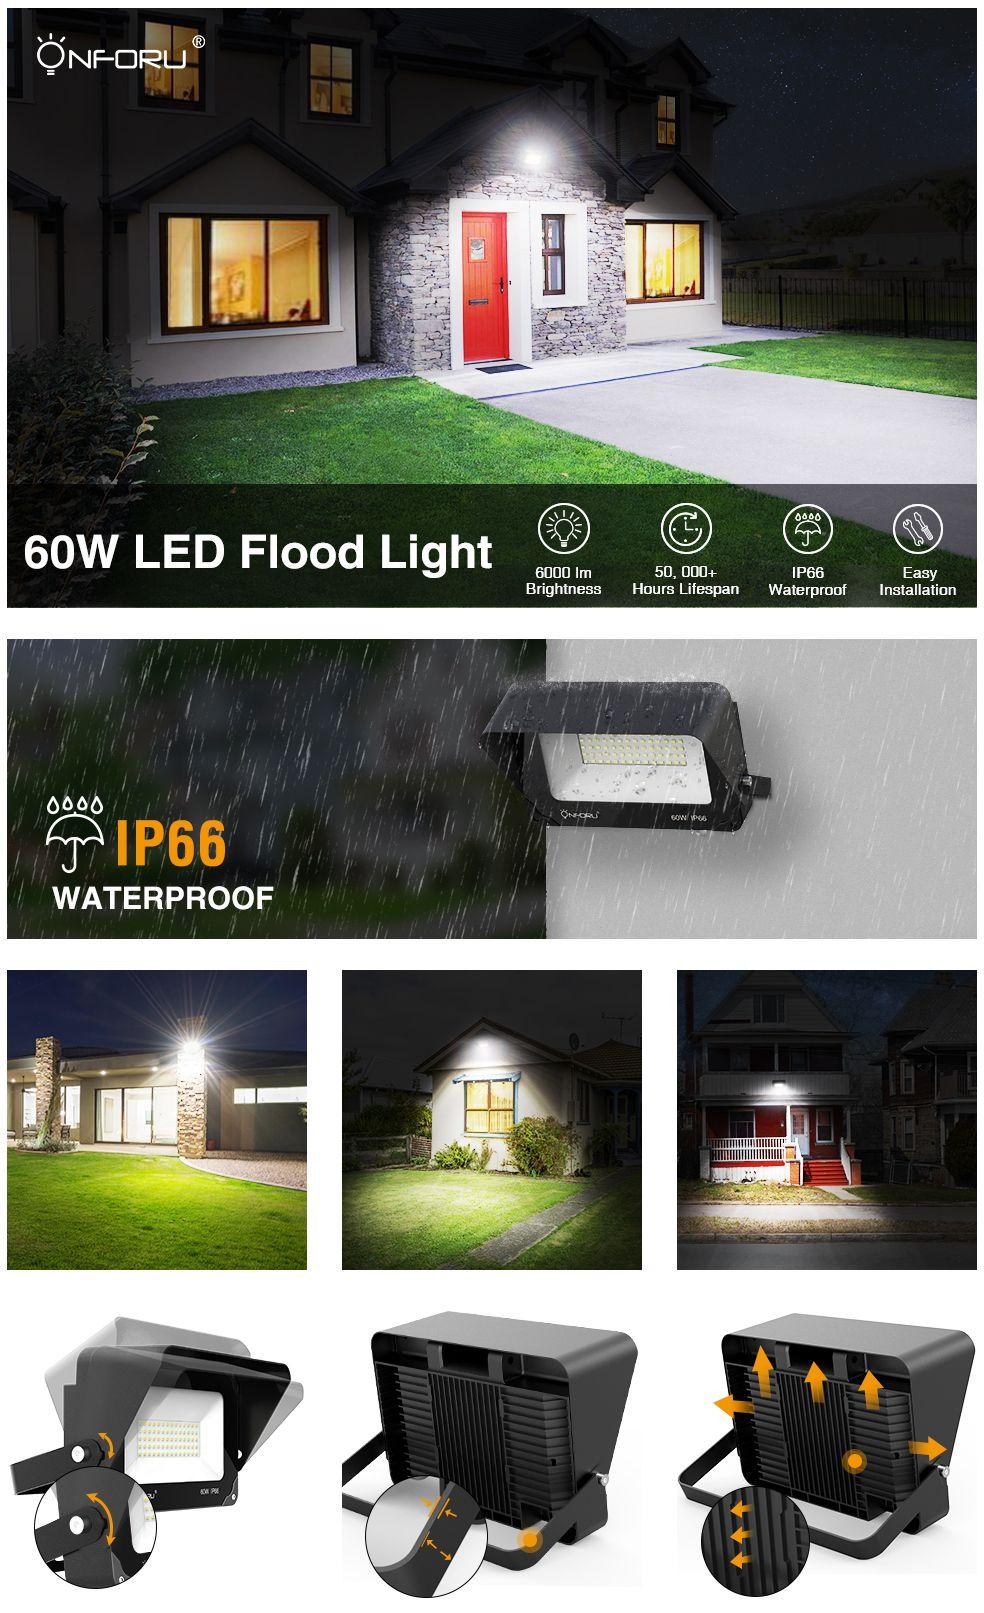 60w Led Flood Light With Shield